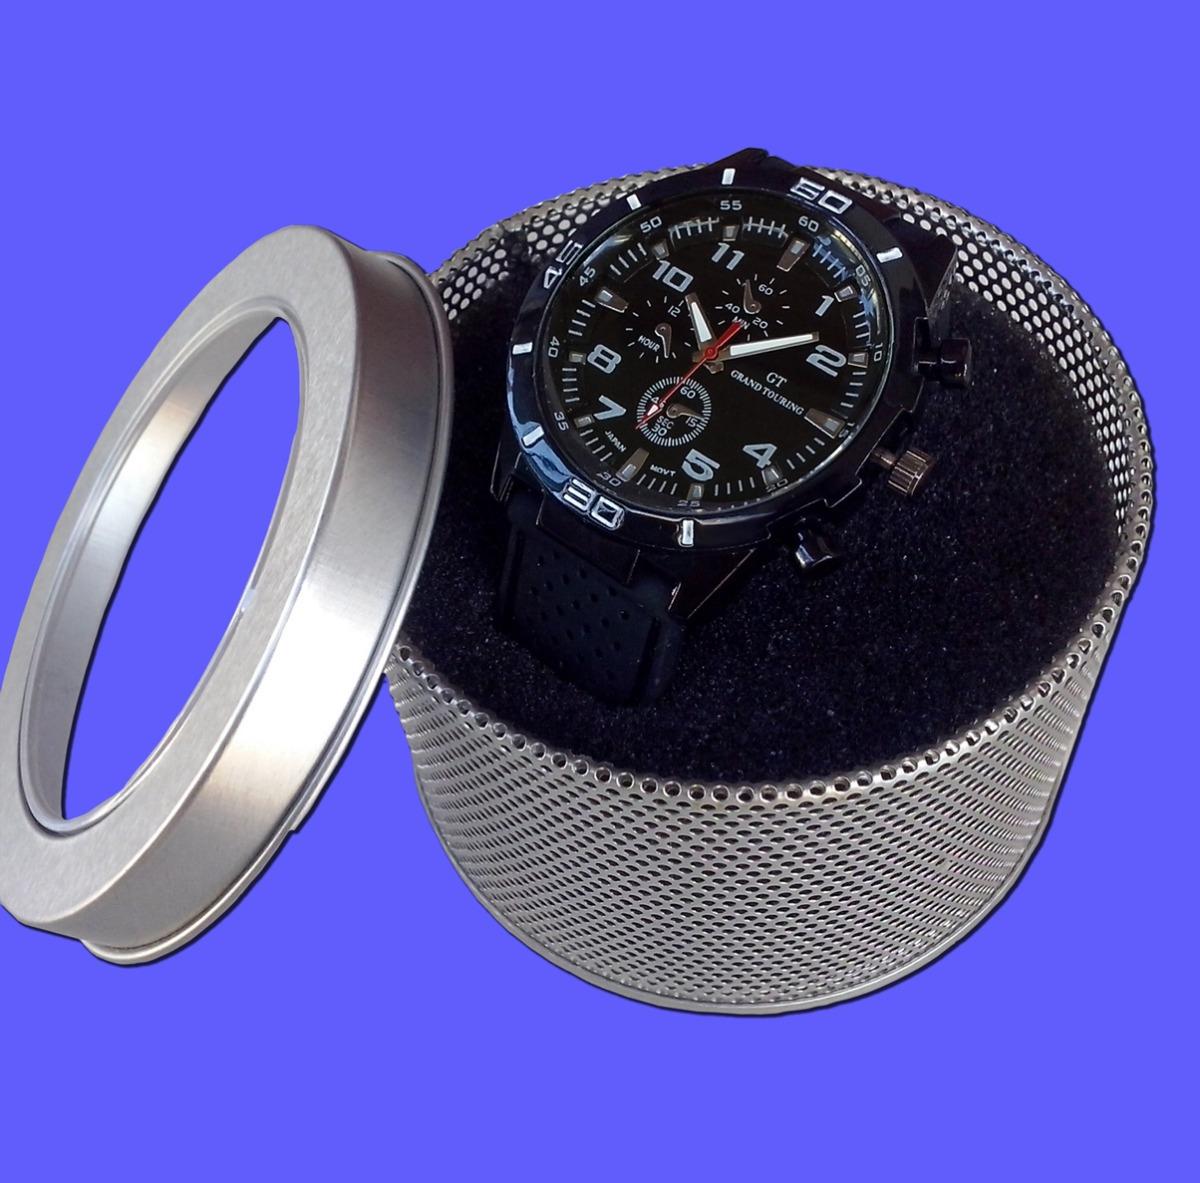 materiales superiores seleccione para el último diseño distintivo Reloj Pulsera Hombre Deportivo Gt Silicona Con Lata/caja